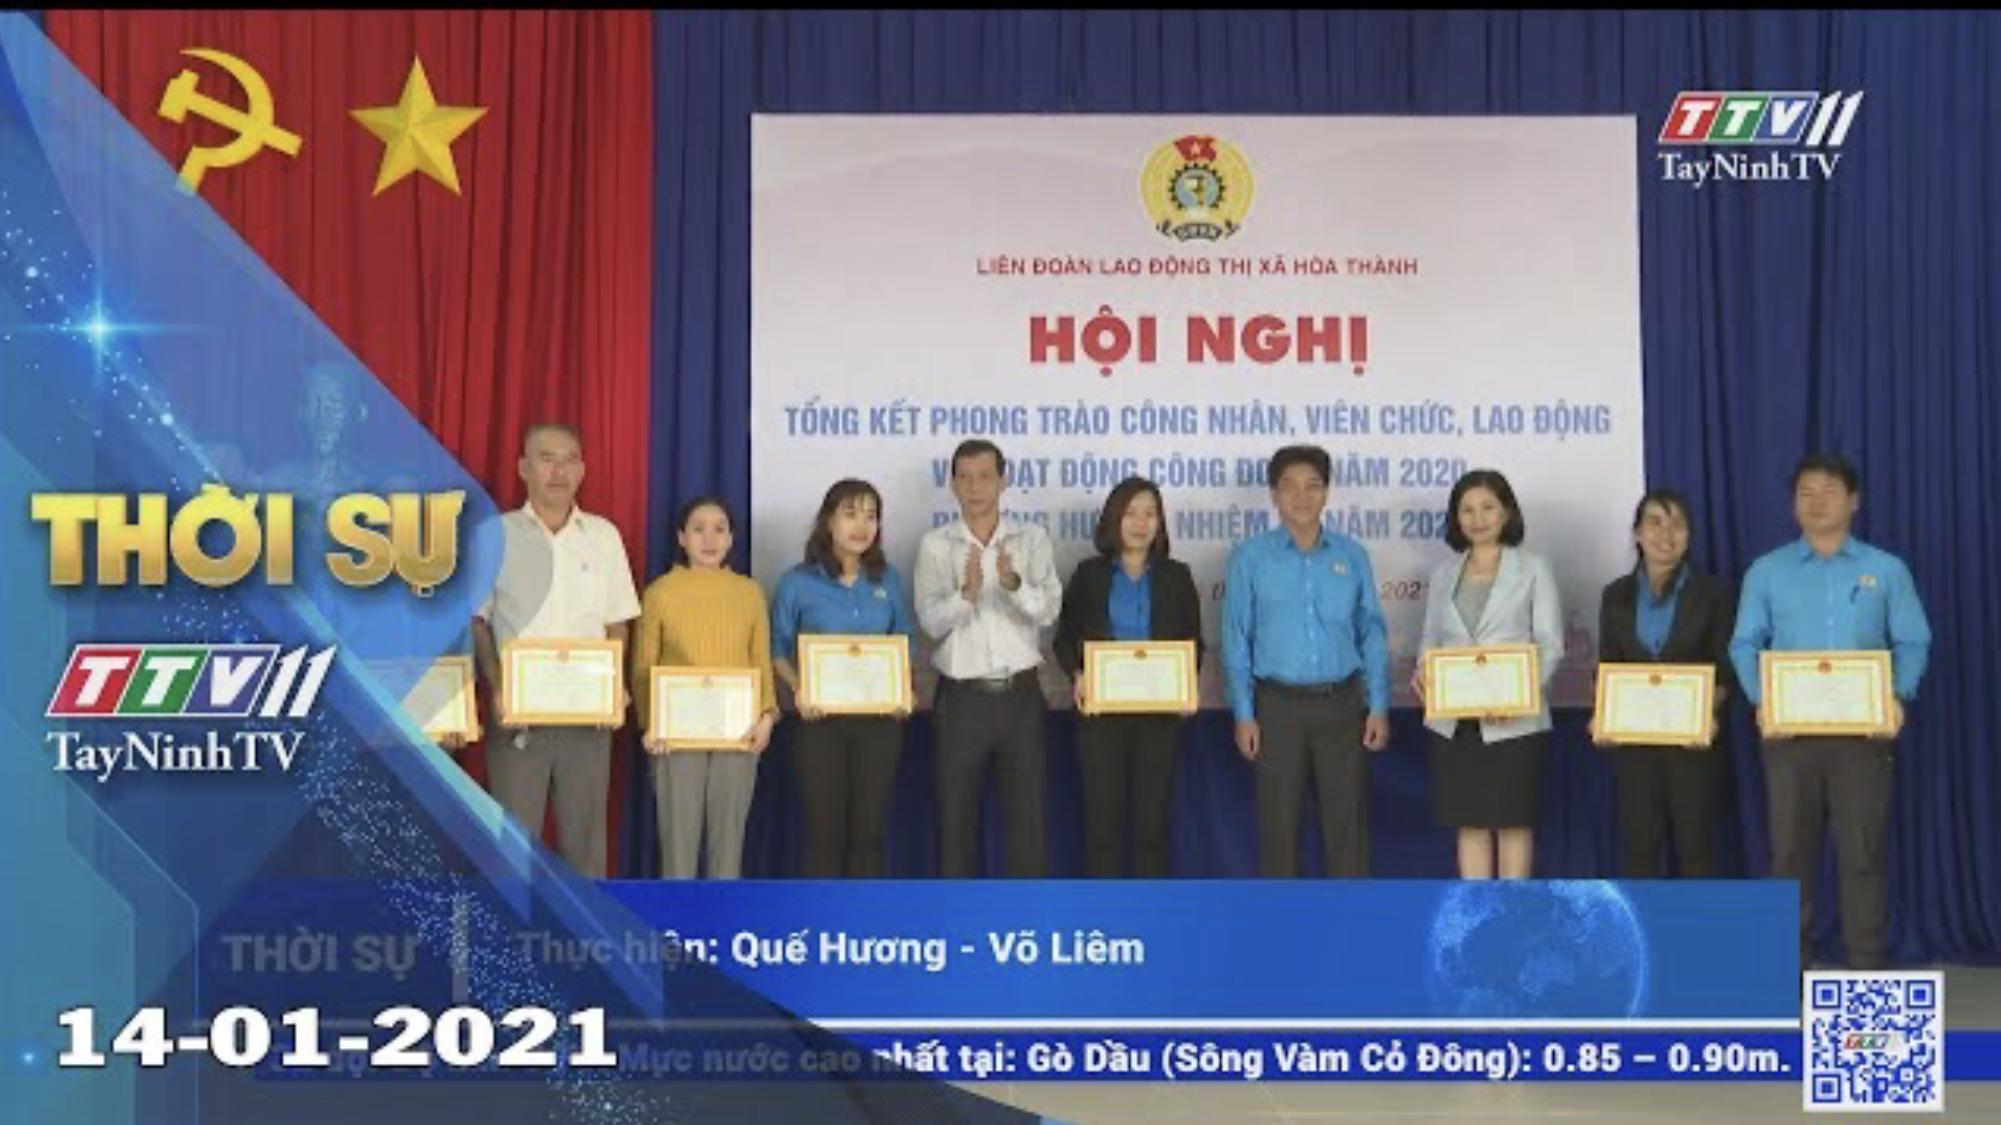 Thời sự Tây Ninh 14-01-2021 | Tin tức hôm nay | TayNinhTV